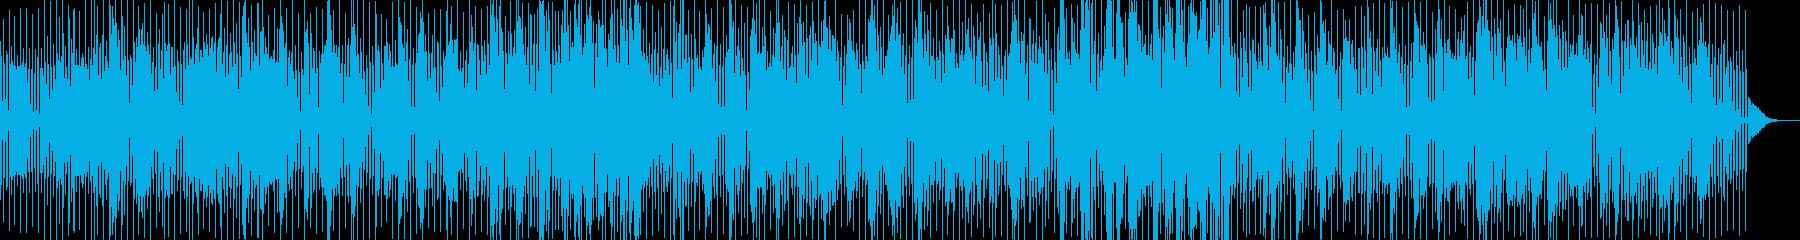 ピアノによるDeep Houseの再生済みの波形